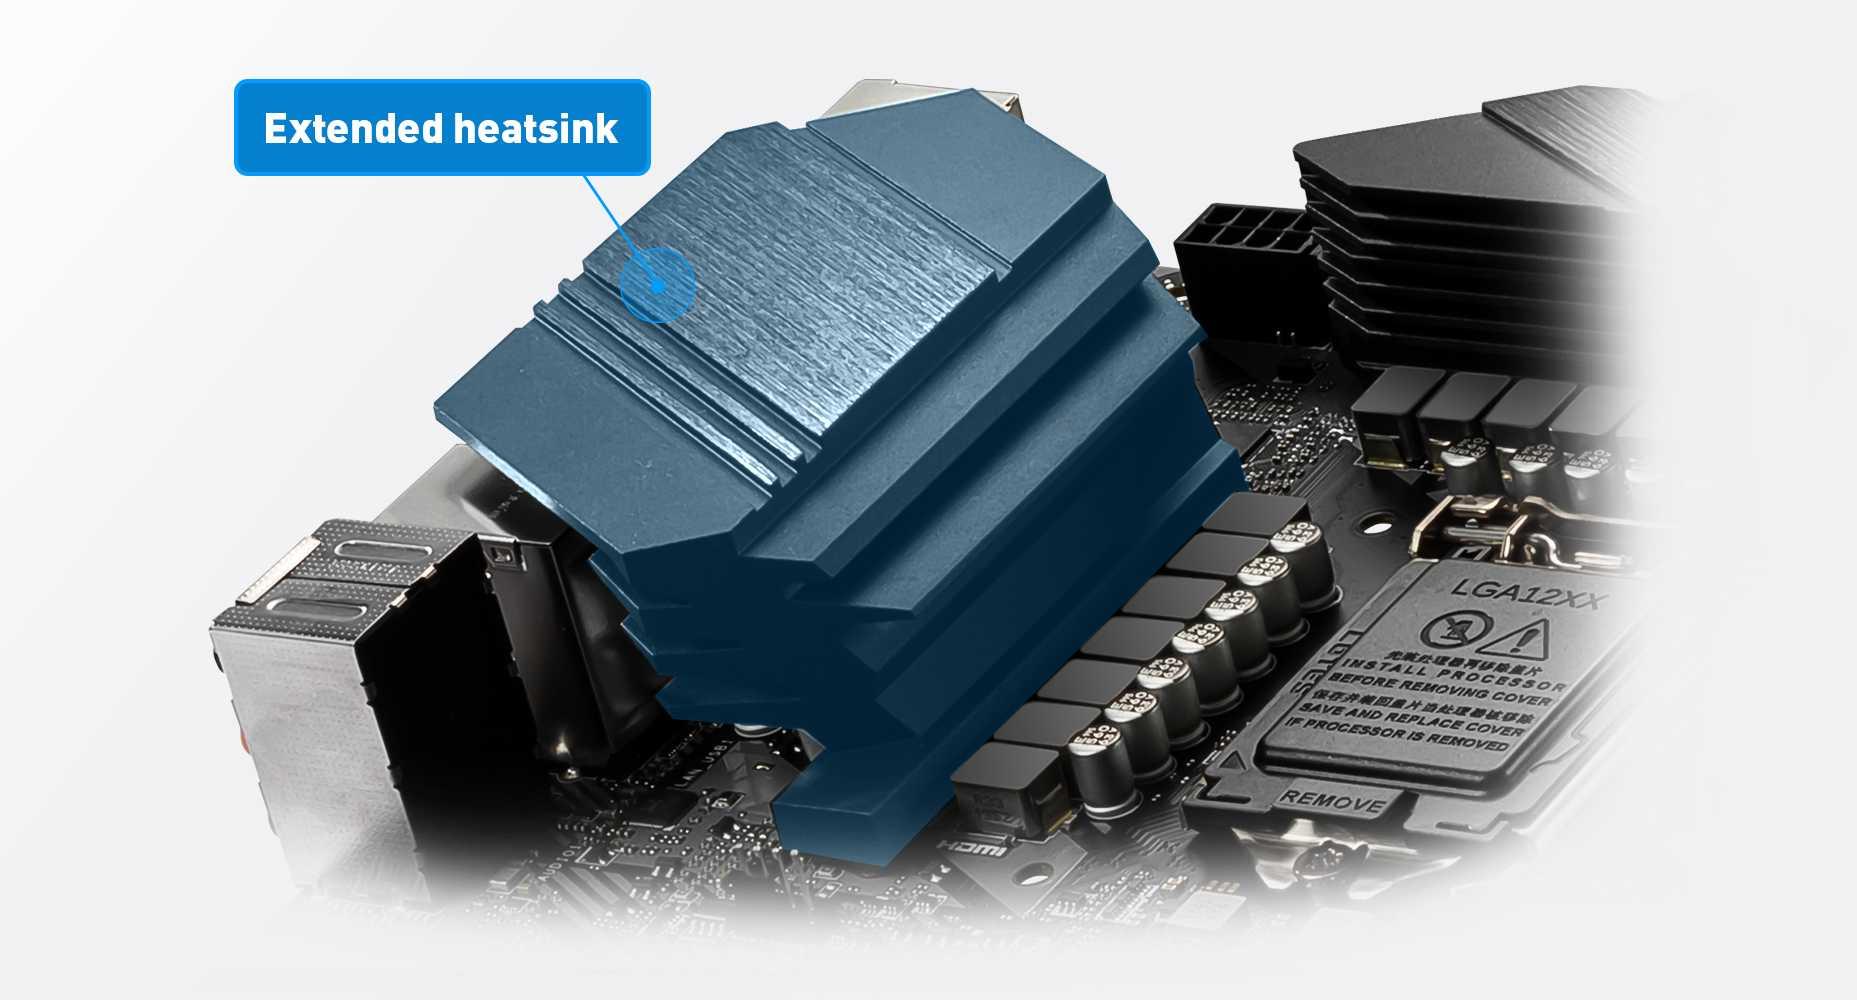 MSI Z490-A PRO EXTENDED HEATSINK